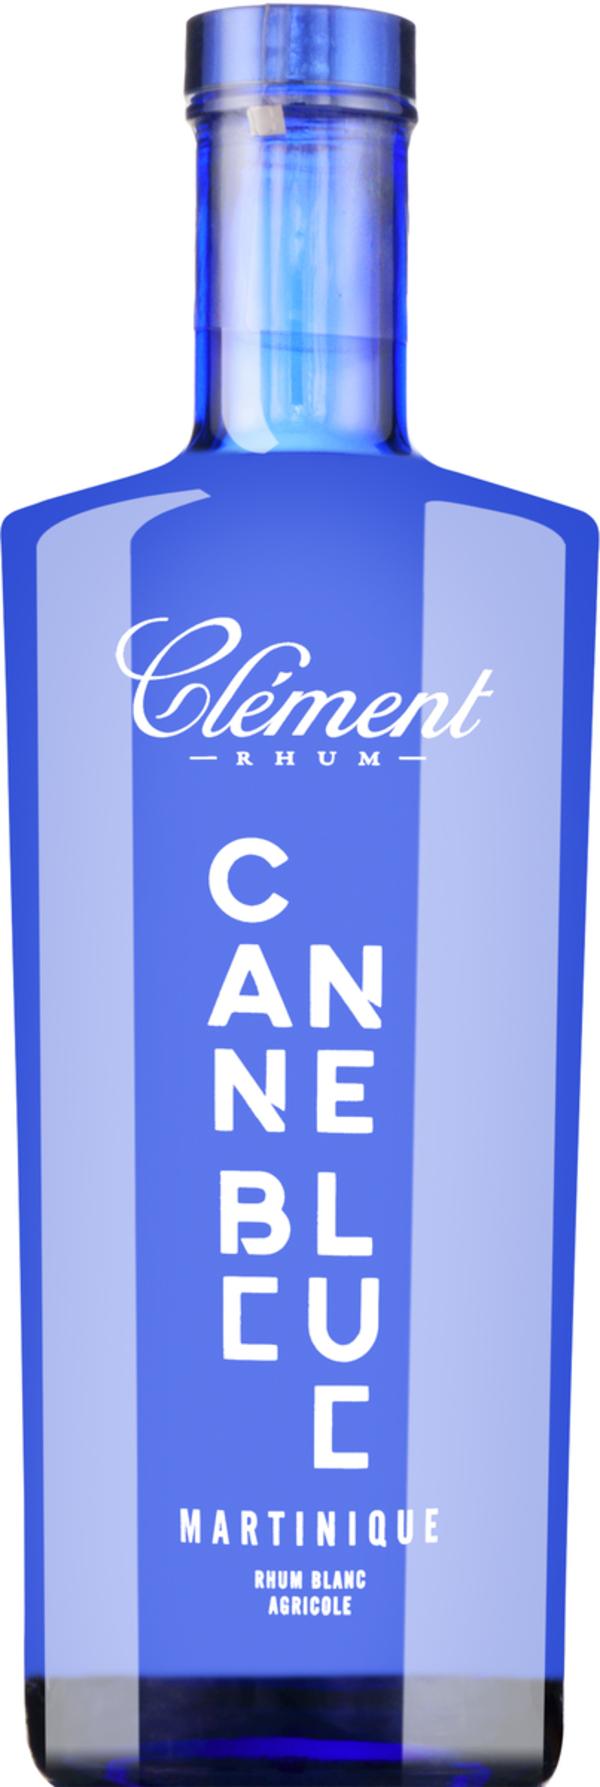 Clément Rhum Blanc Canne Bleu 0000 - Rum, Martinique, trocken, 0,7l